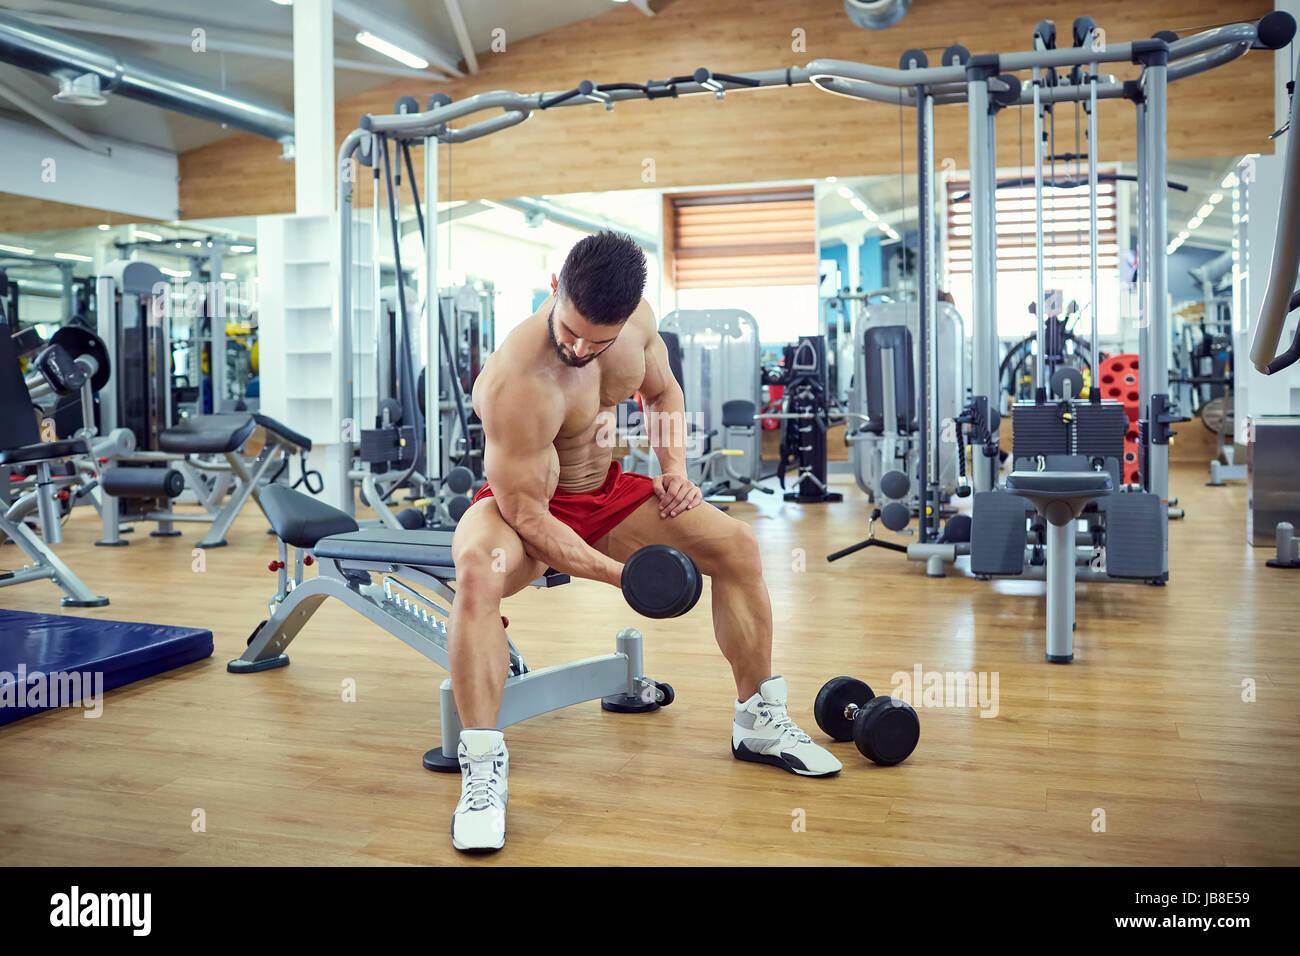 Exercices avec haltères bodybuilder n dans la salle de sport Photo Stock